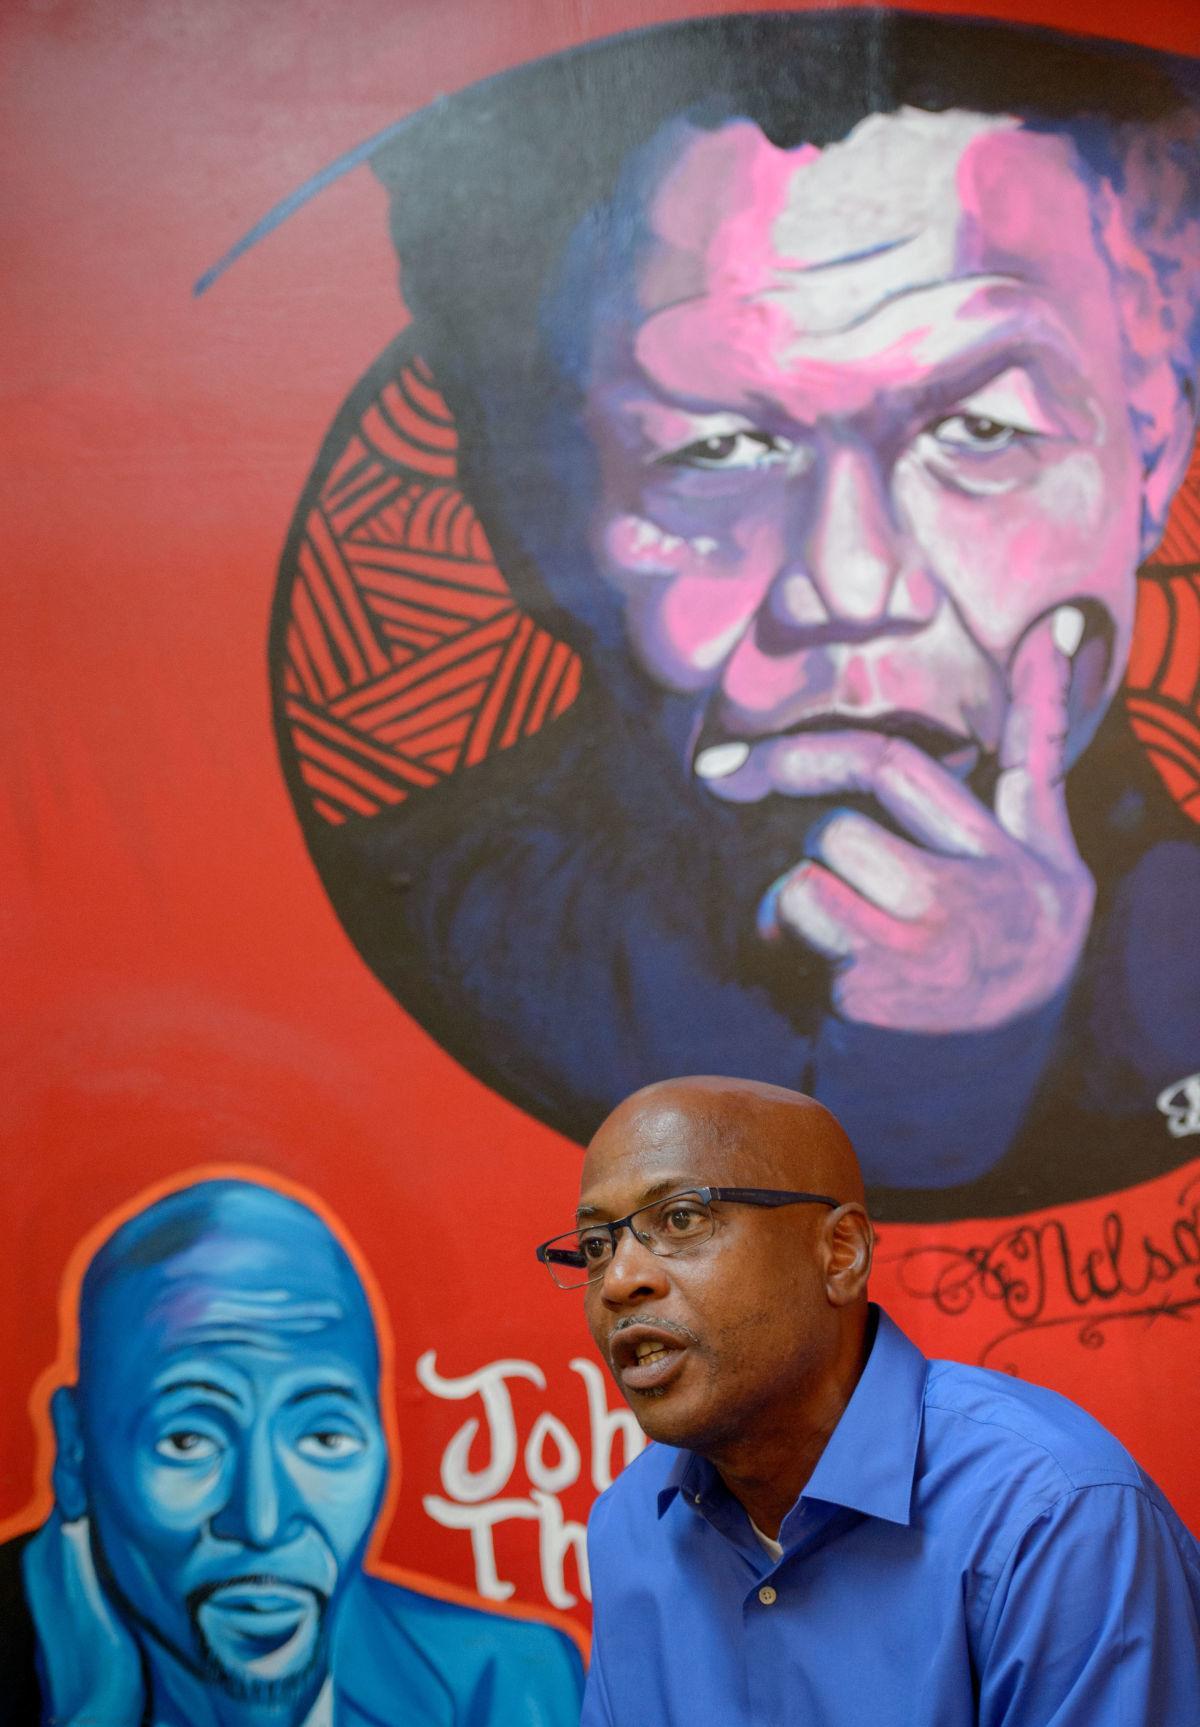 Exoneree Complaint Against Orleans DA